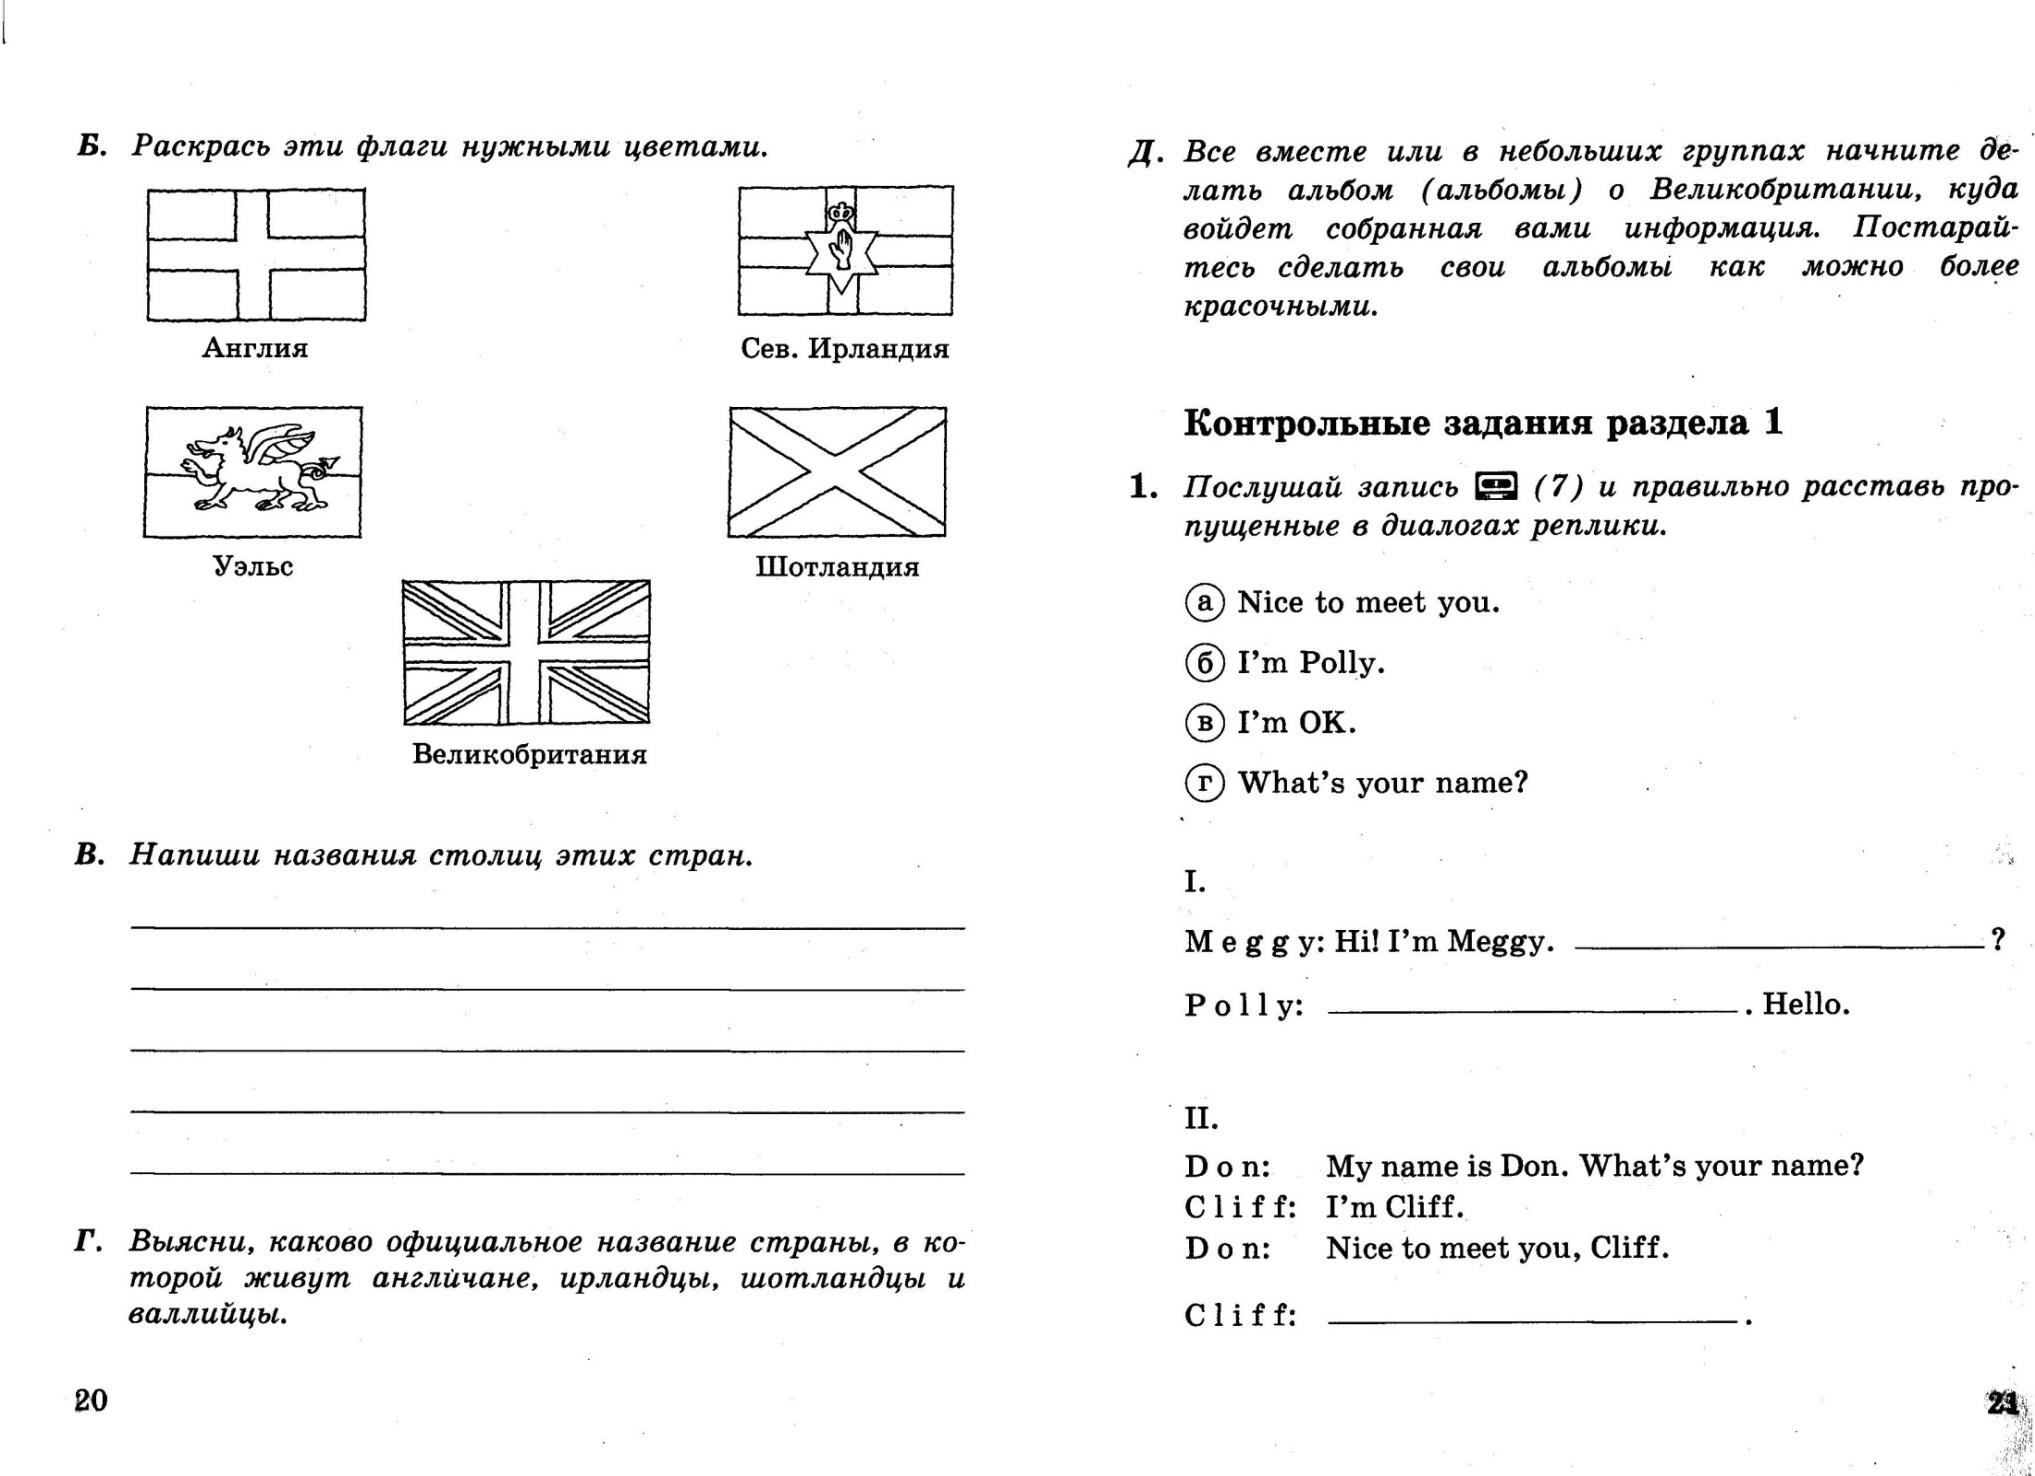 D:\Рабочая тетрадь\Рабочая тетрадь №1\1 РАЗДЕЛ (1-6 урок)\10012.jpg